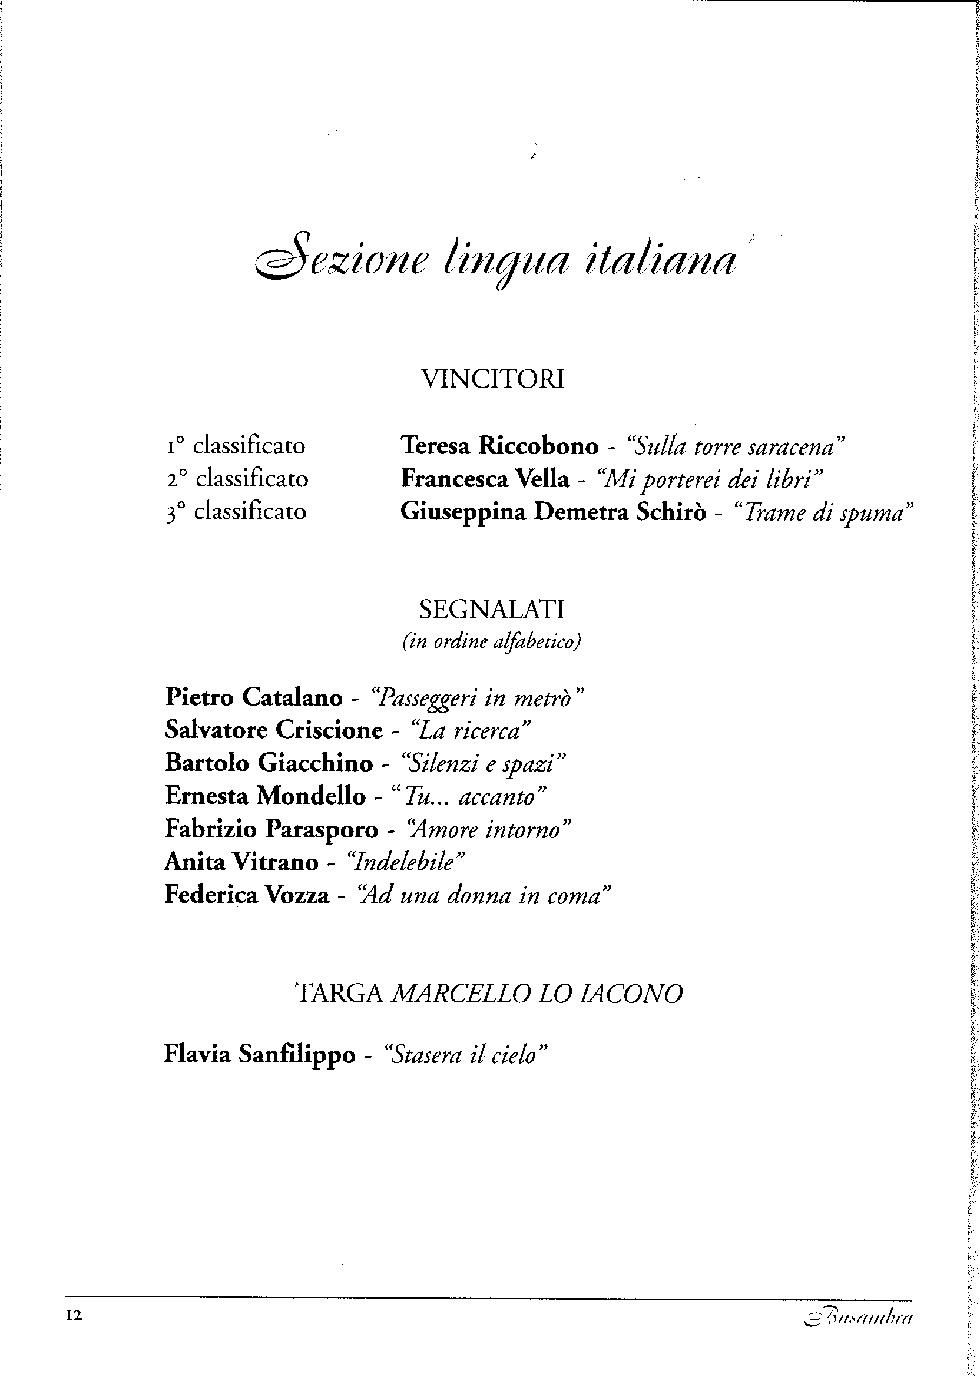 risultati-giardina-2008-1